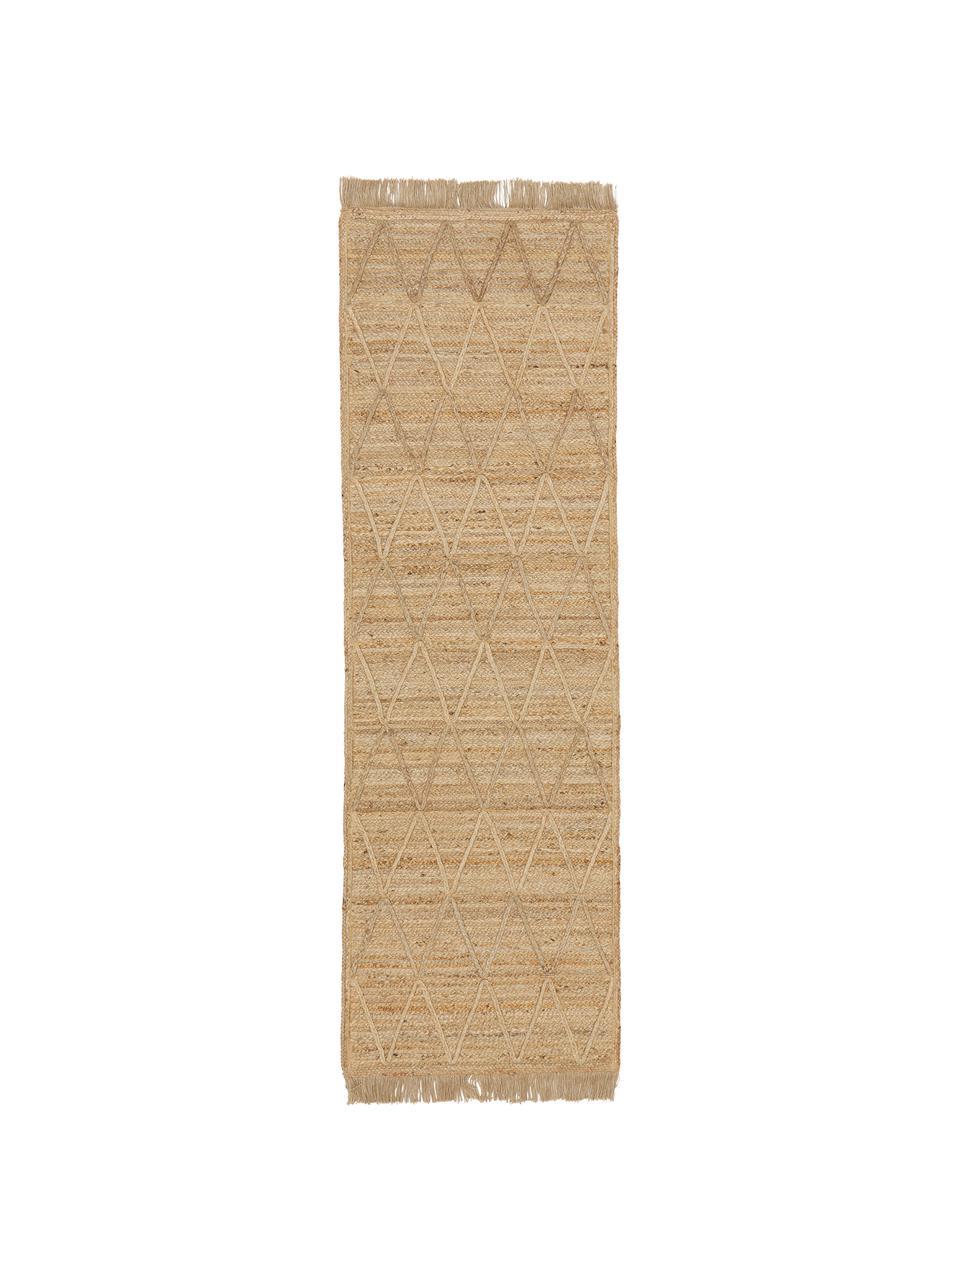 Handgefertigter Jute-Läufer Jason, 100% Jute, Beige, 80 x 250 cm